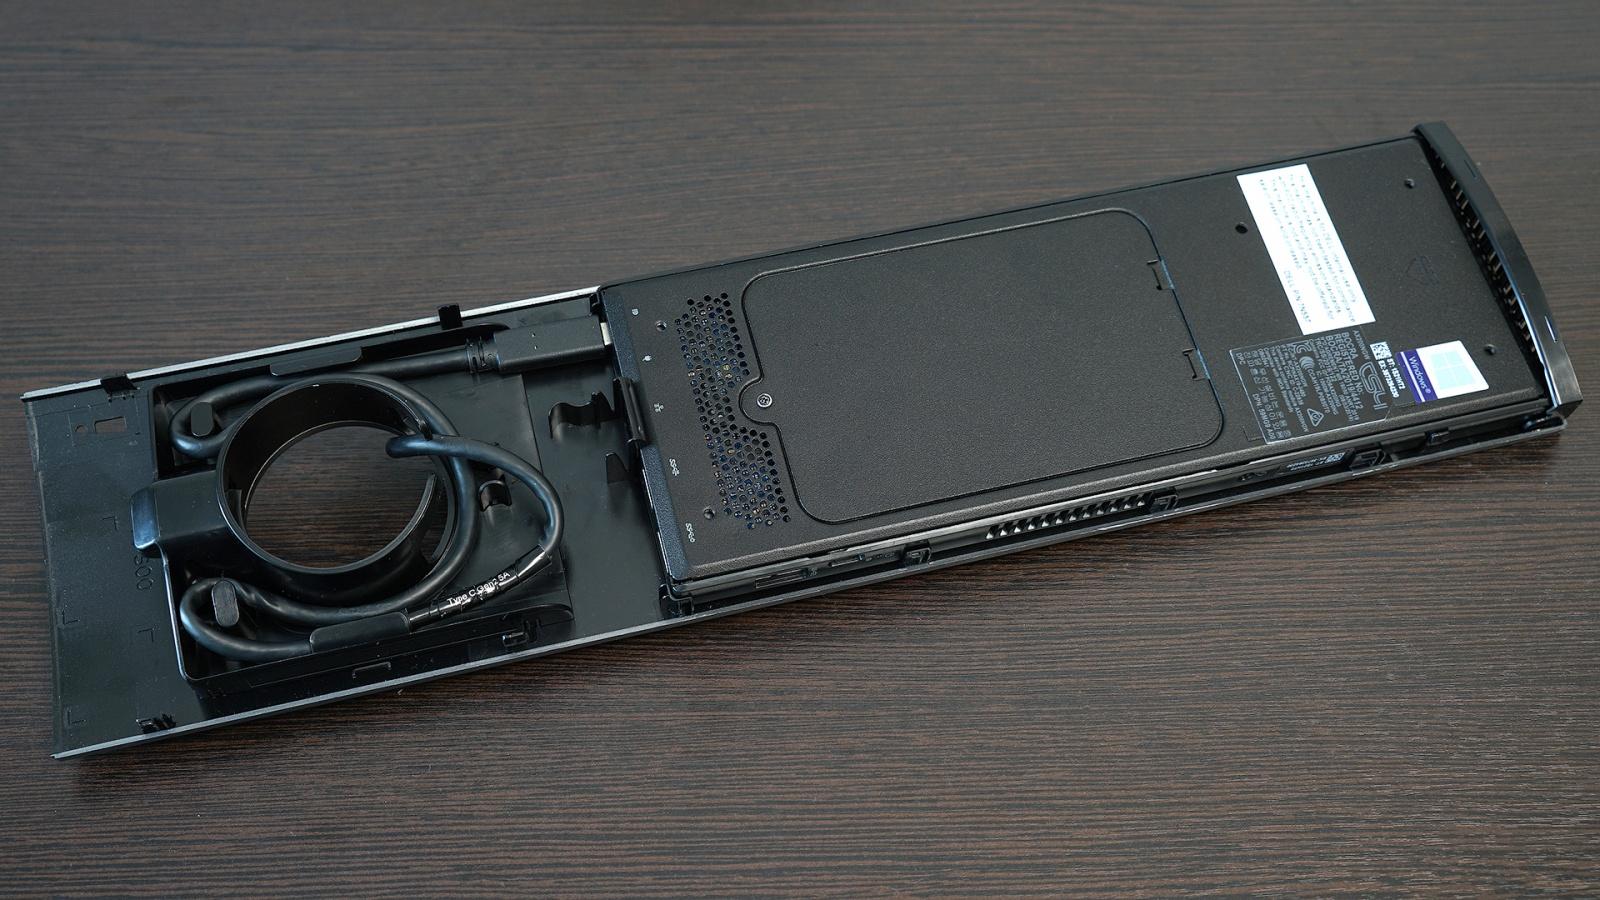 Dell OptiPlex 7070 Ultra: модульный компьютер, который превращает в моноблок любой монитор - 8